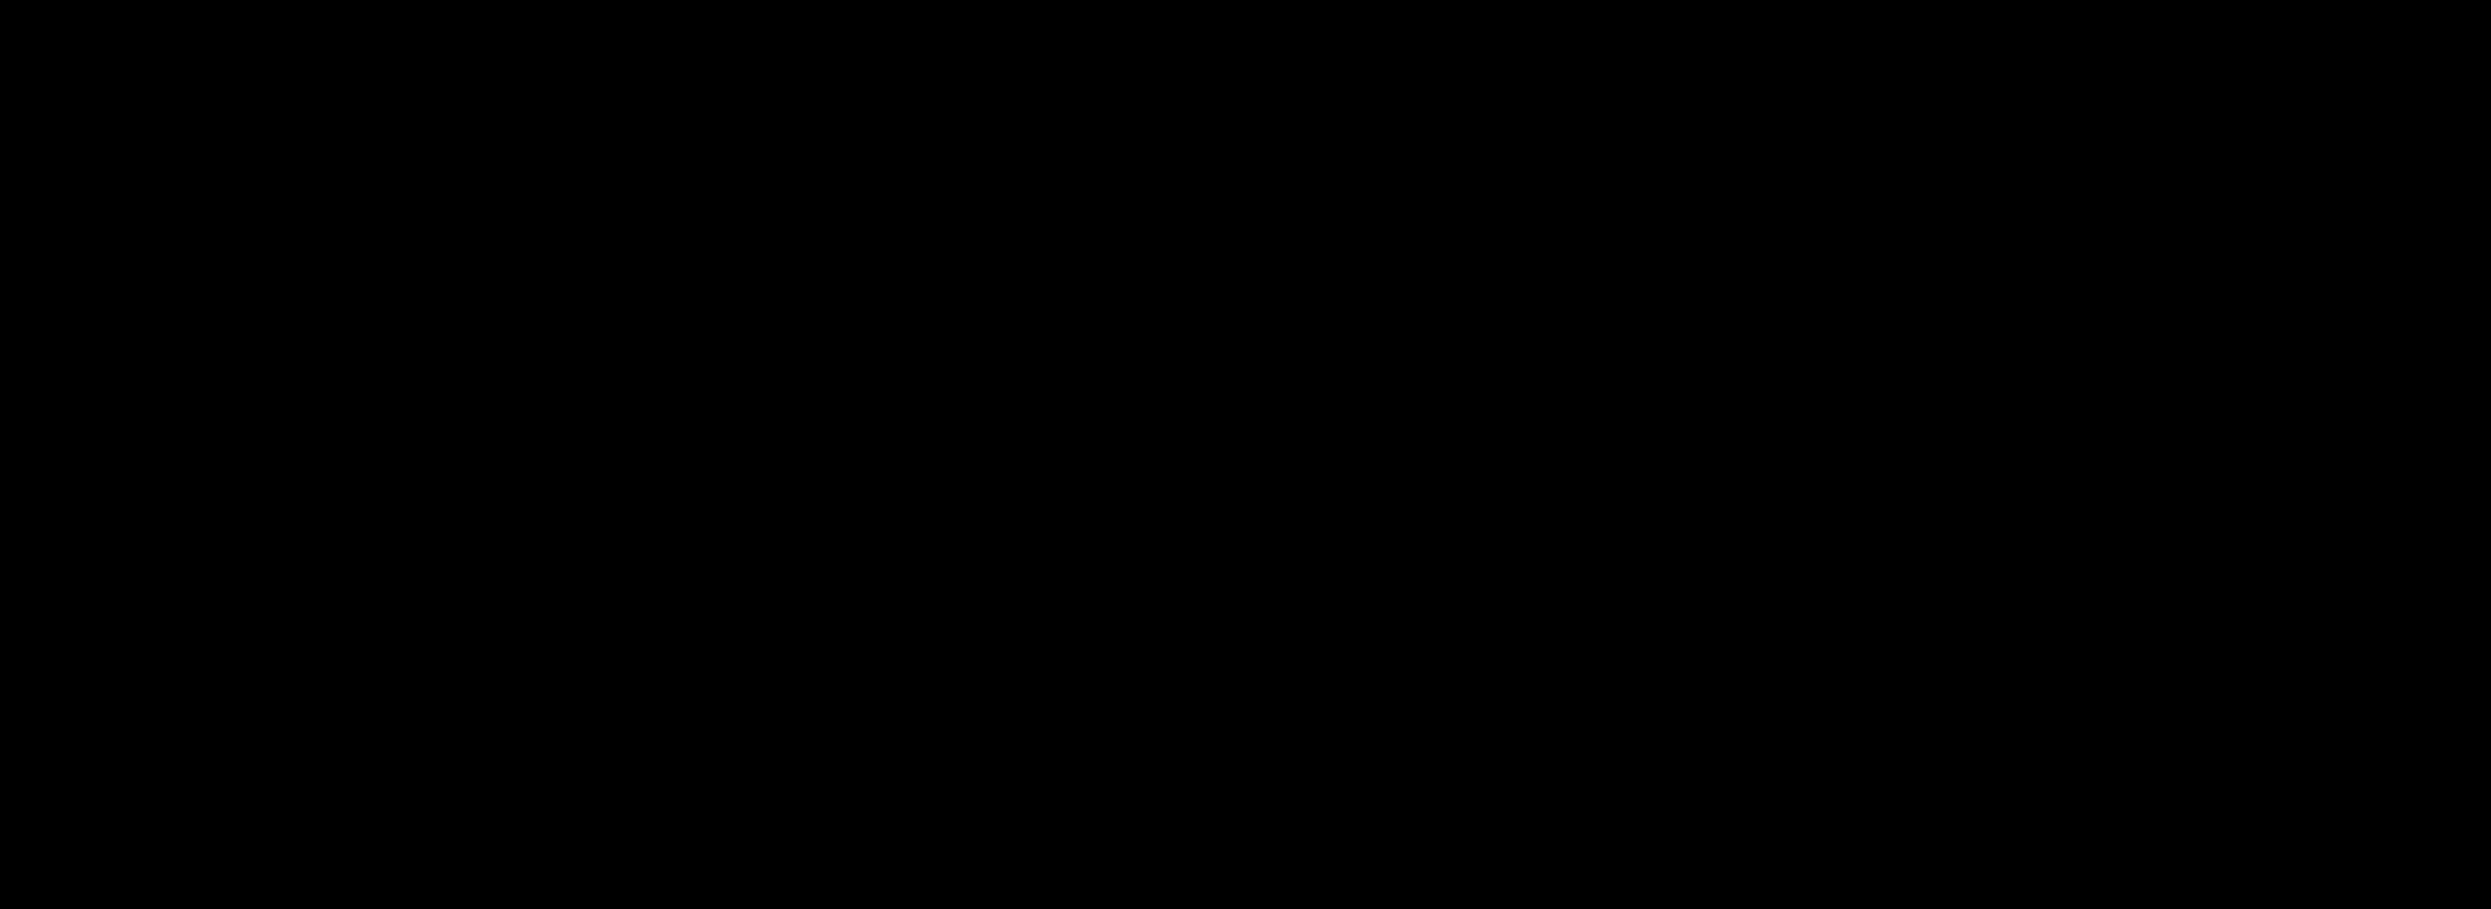 CNT-logo-01.png